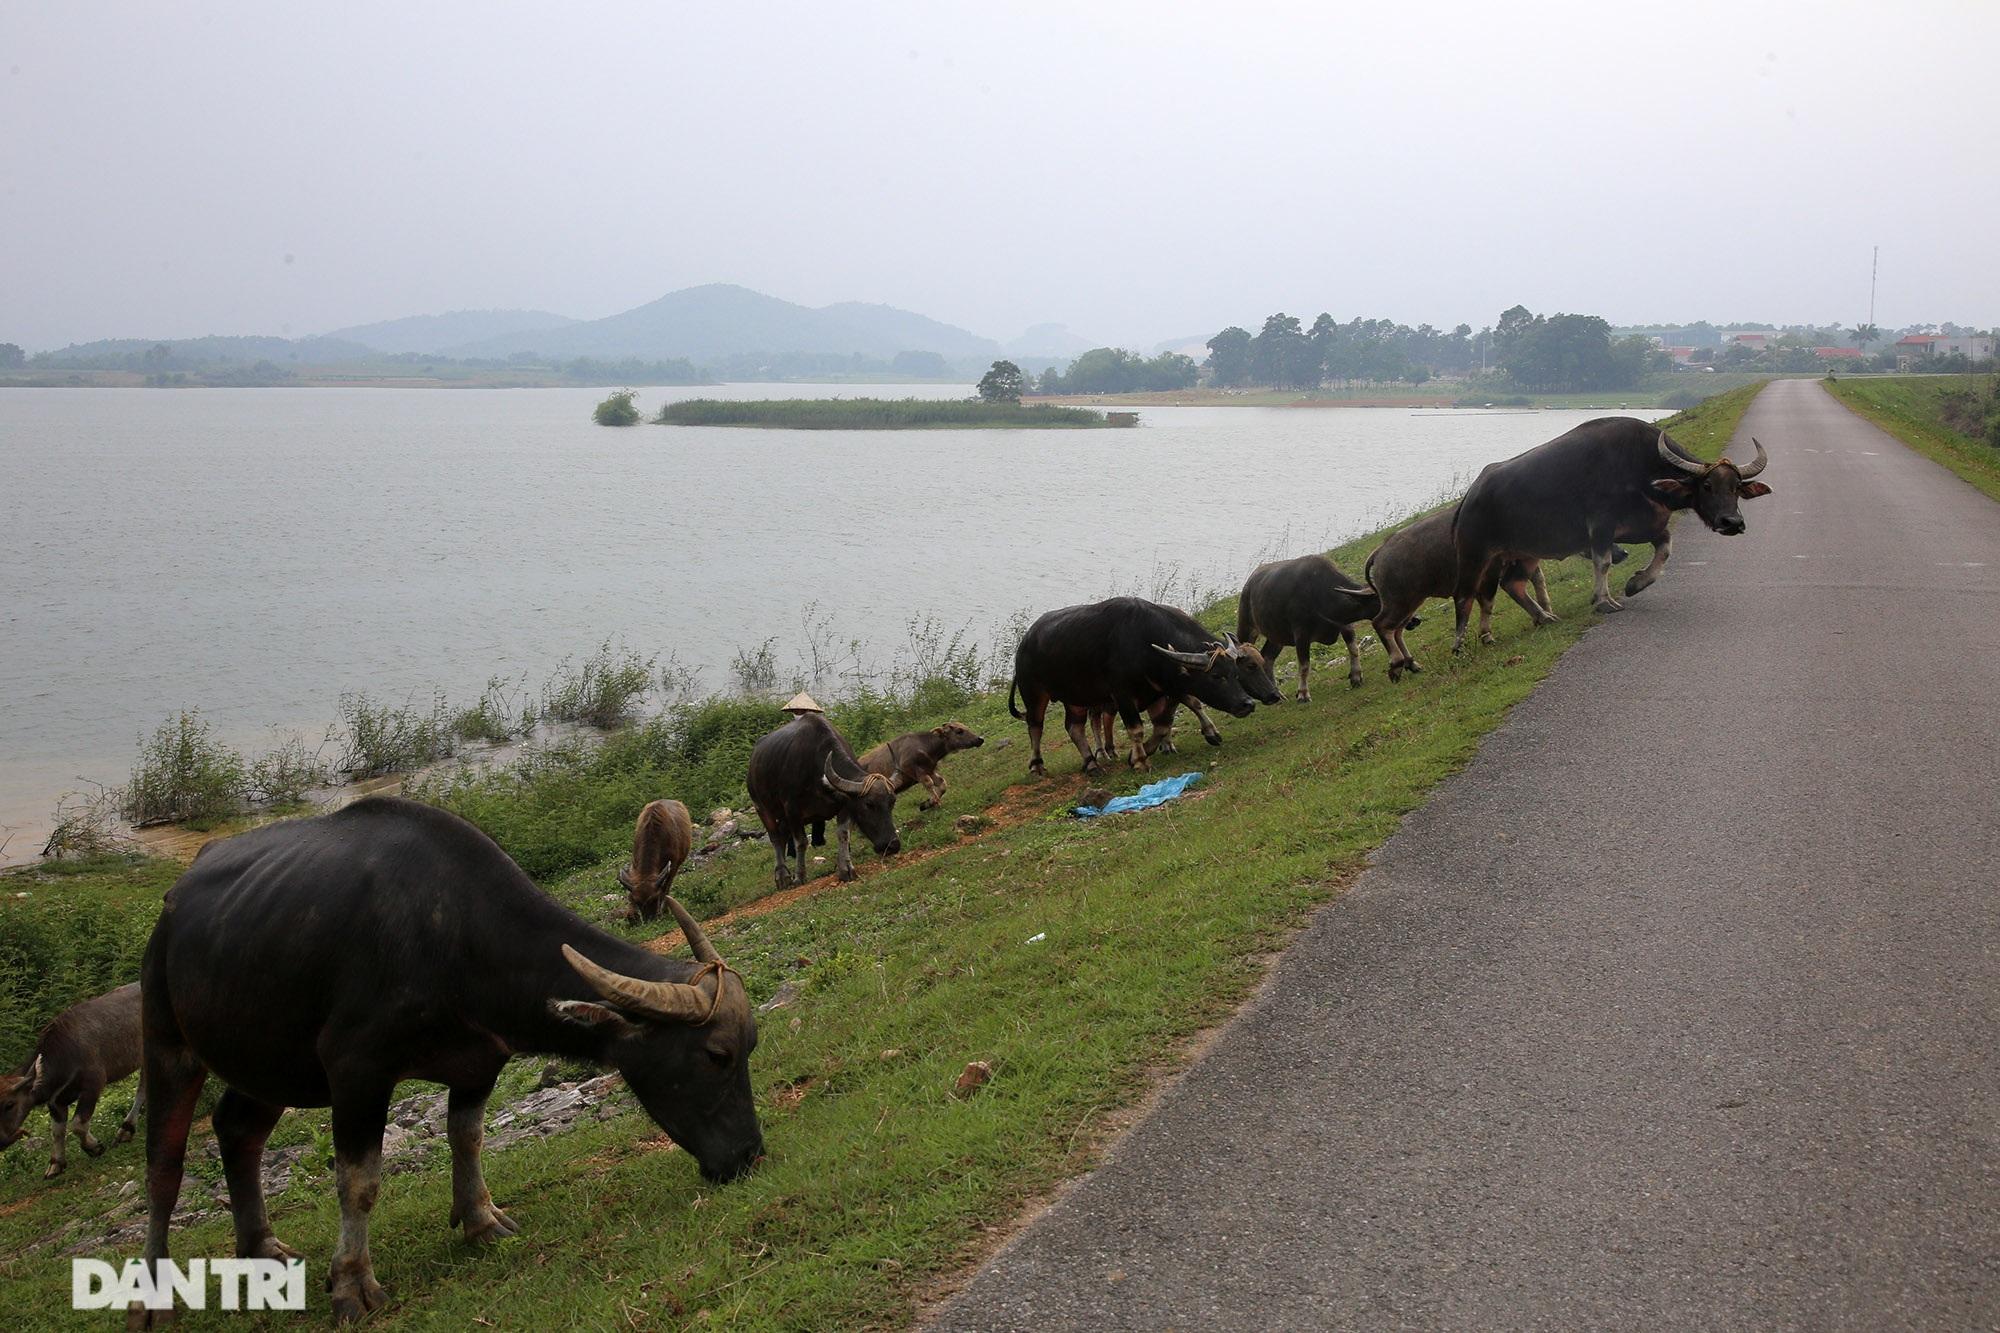 Dù có biển cấm tụ tập, hồ Đồng Mô vẫn tấp nập người đến cắm trại - 13